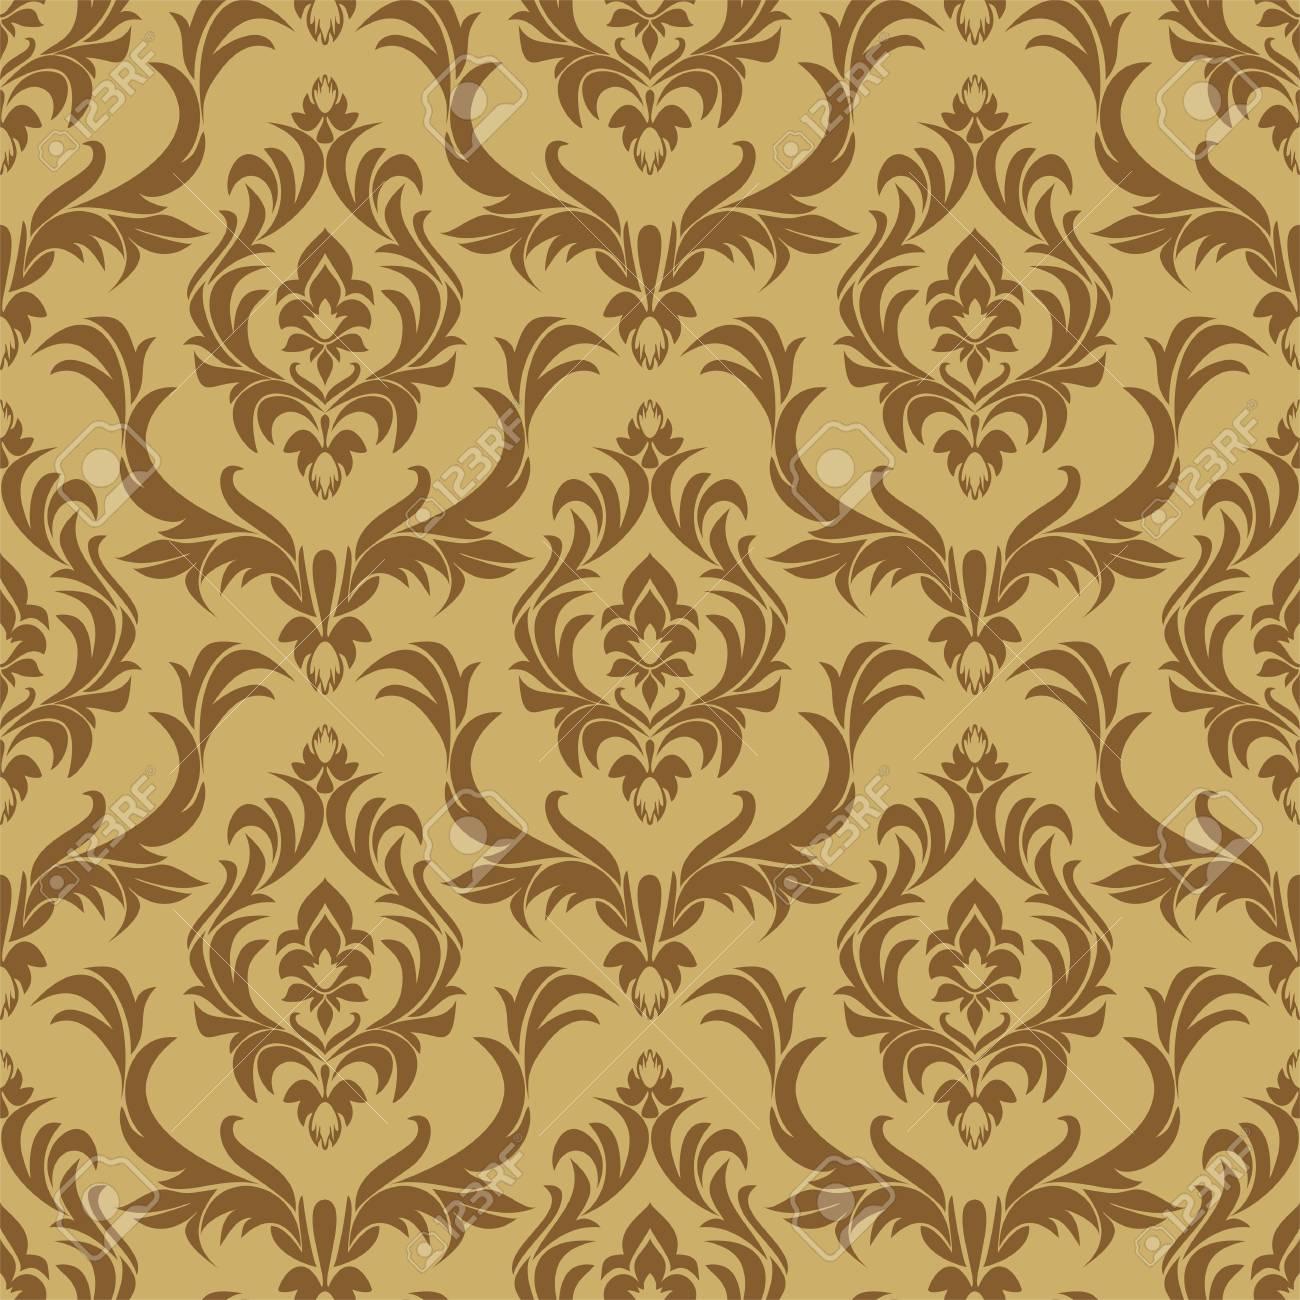 Seamless damask floral beige Wallpaper for Design. - 97509665